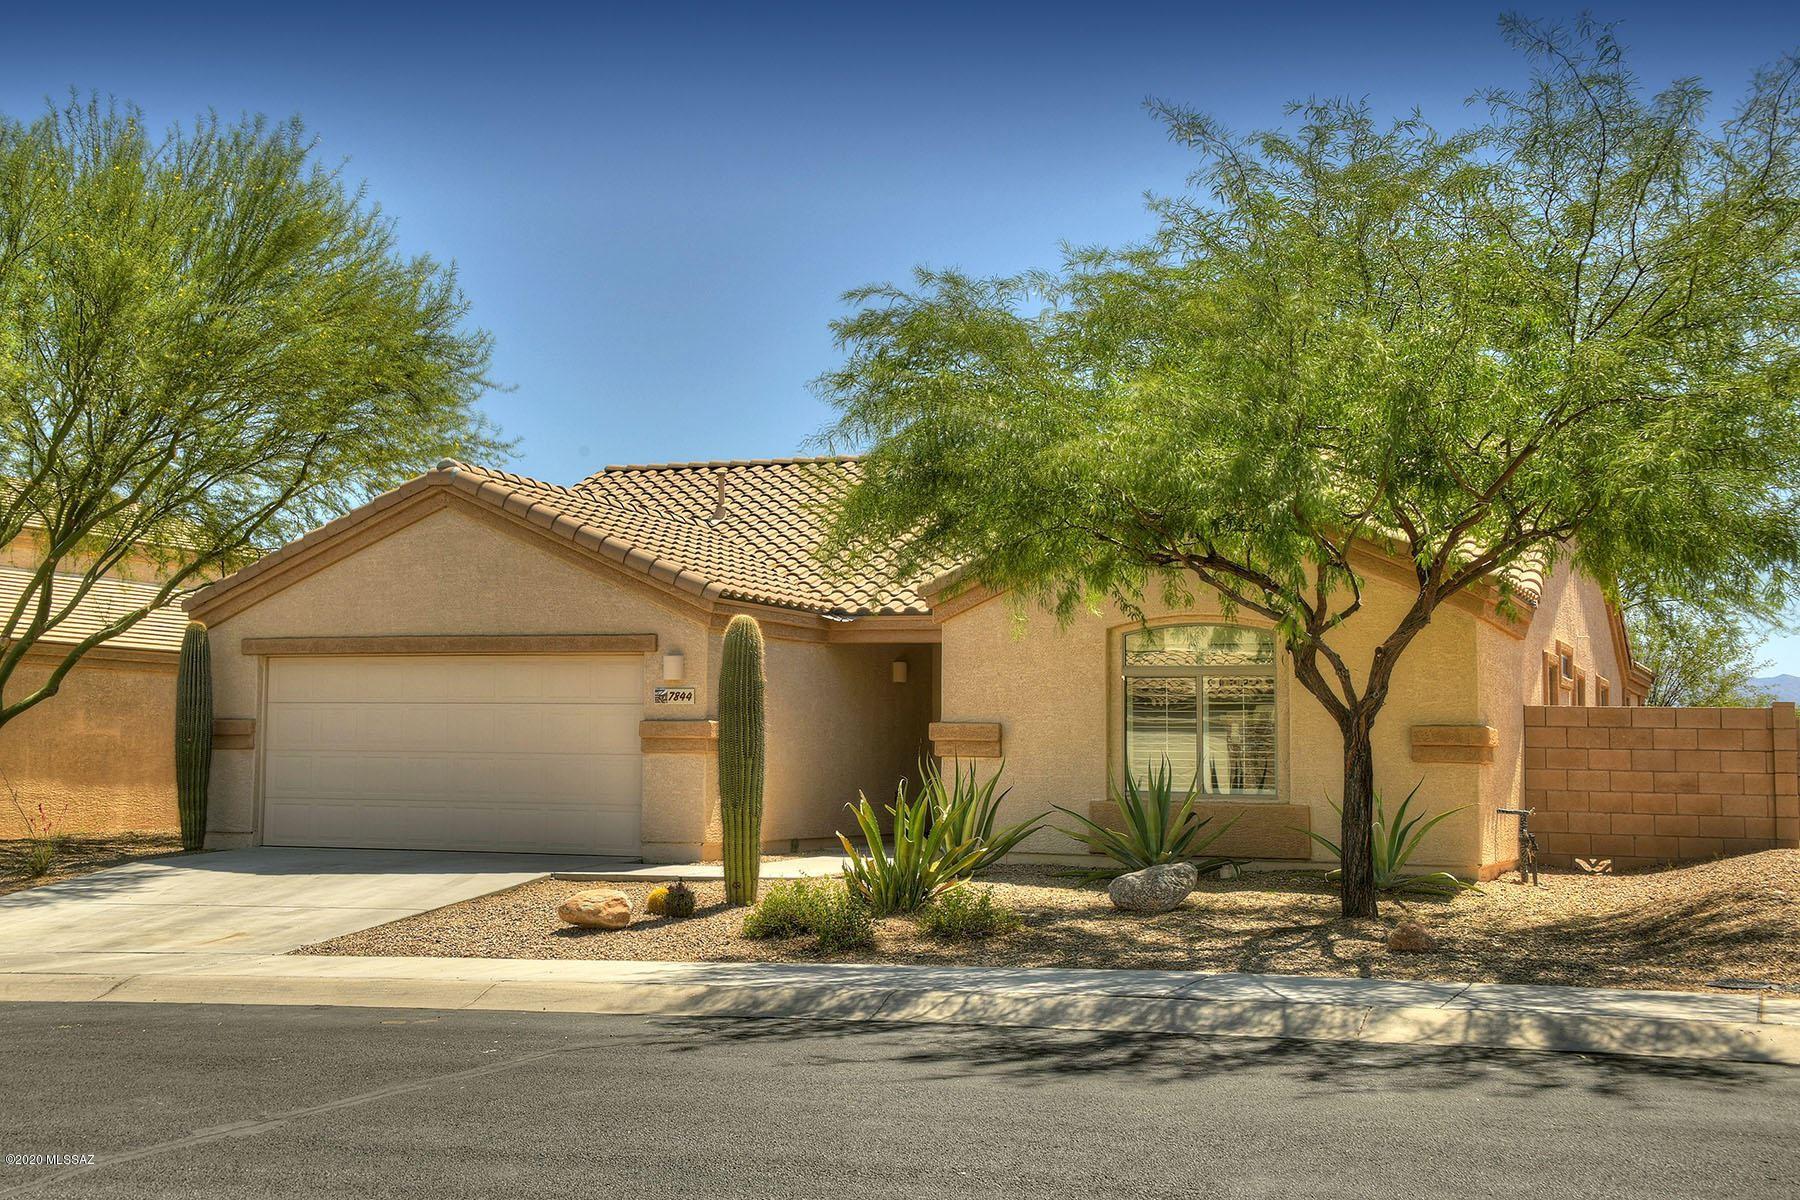 7844 N Window Trail, Tucson, AZ 85743 - #: 22015593